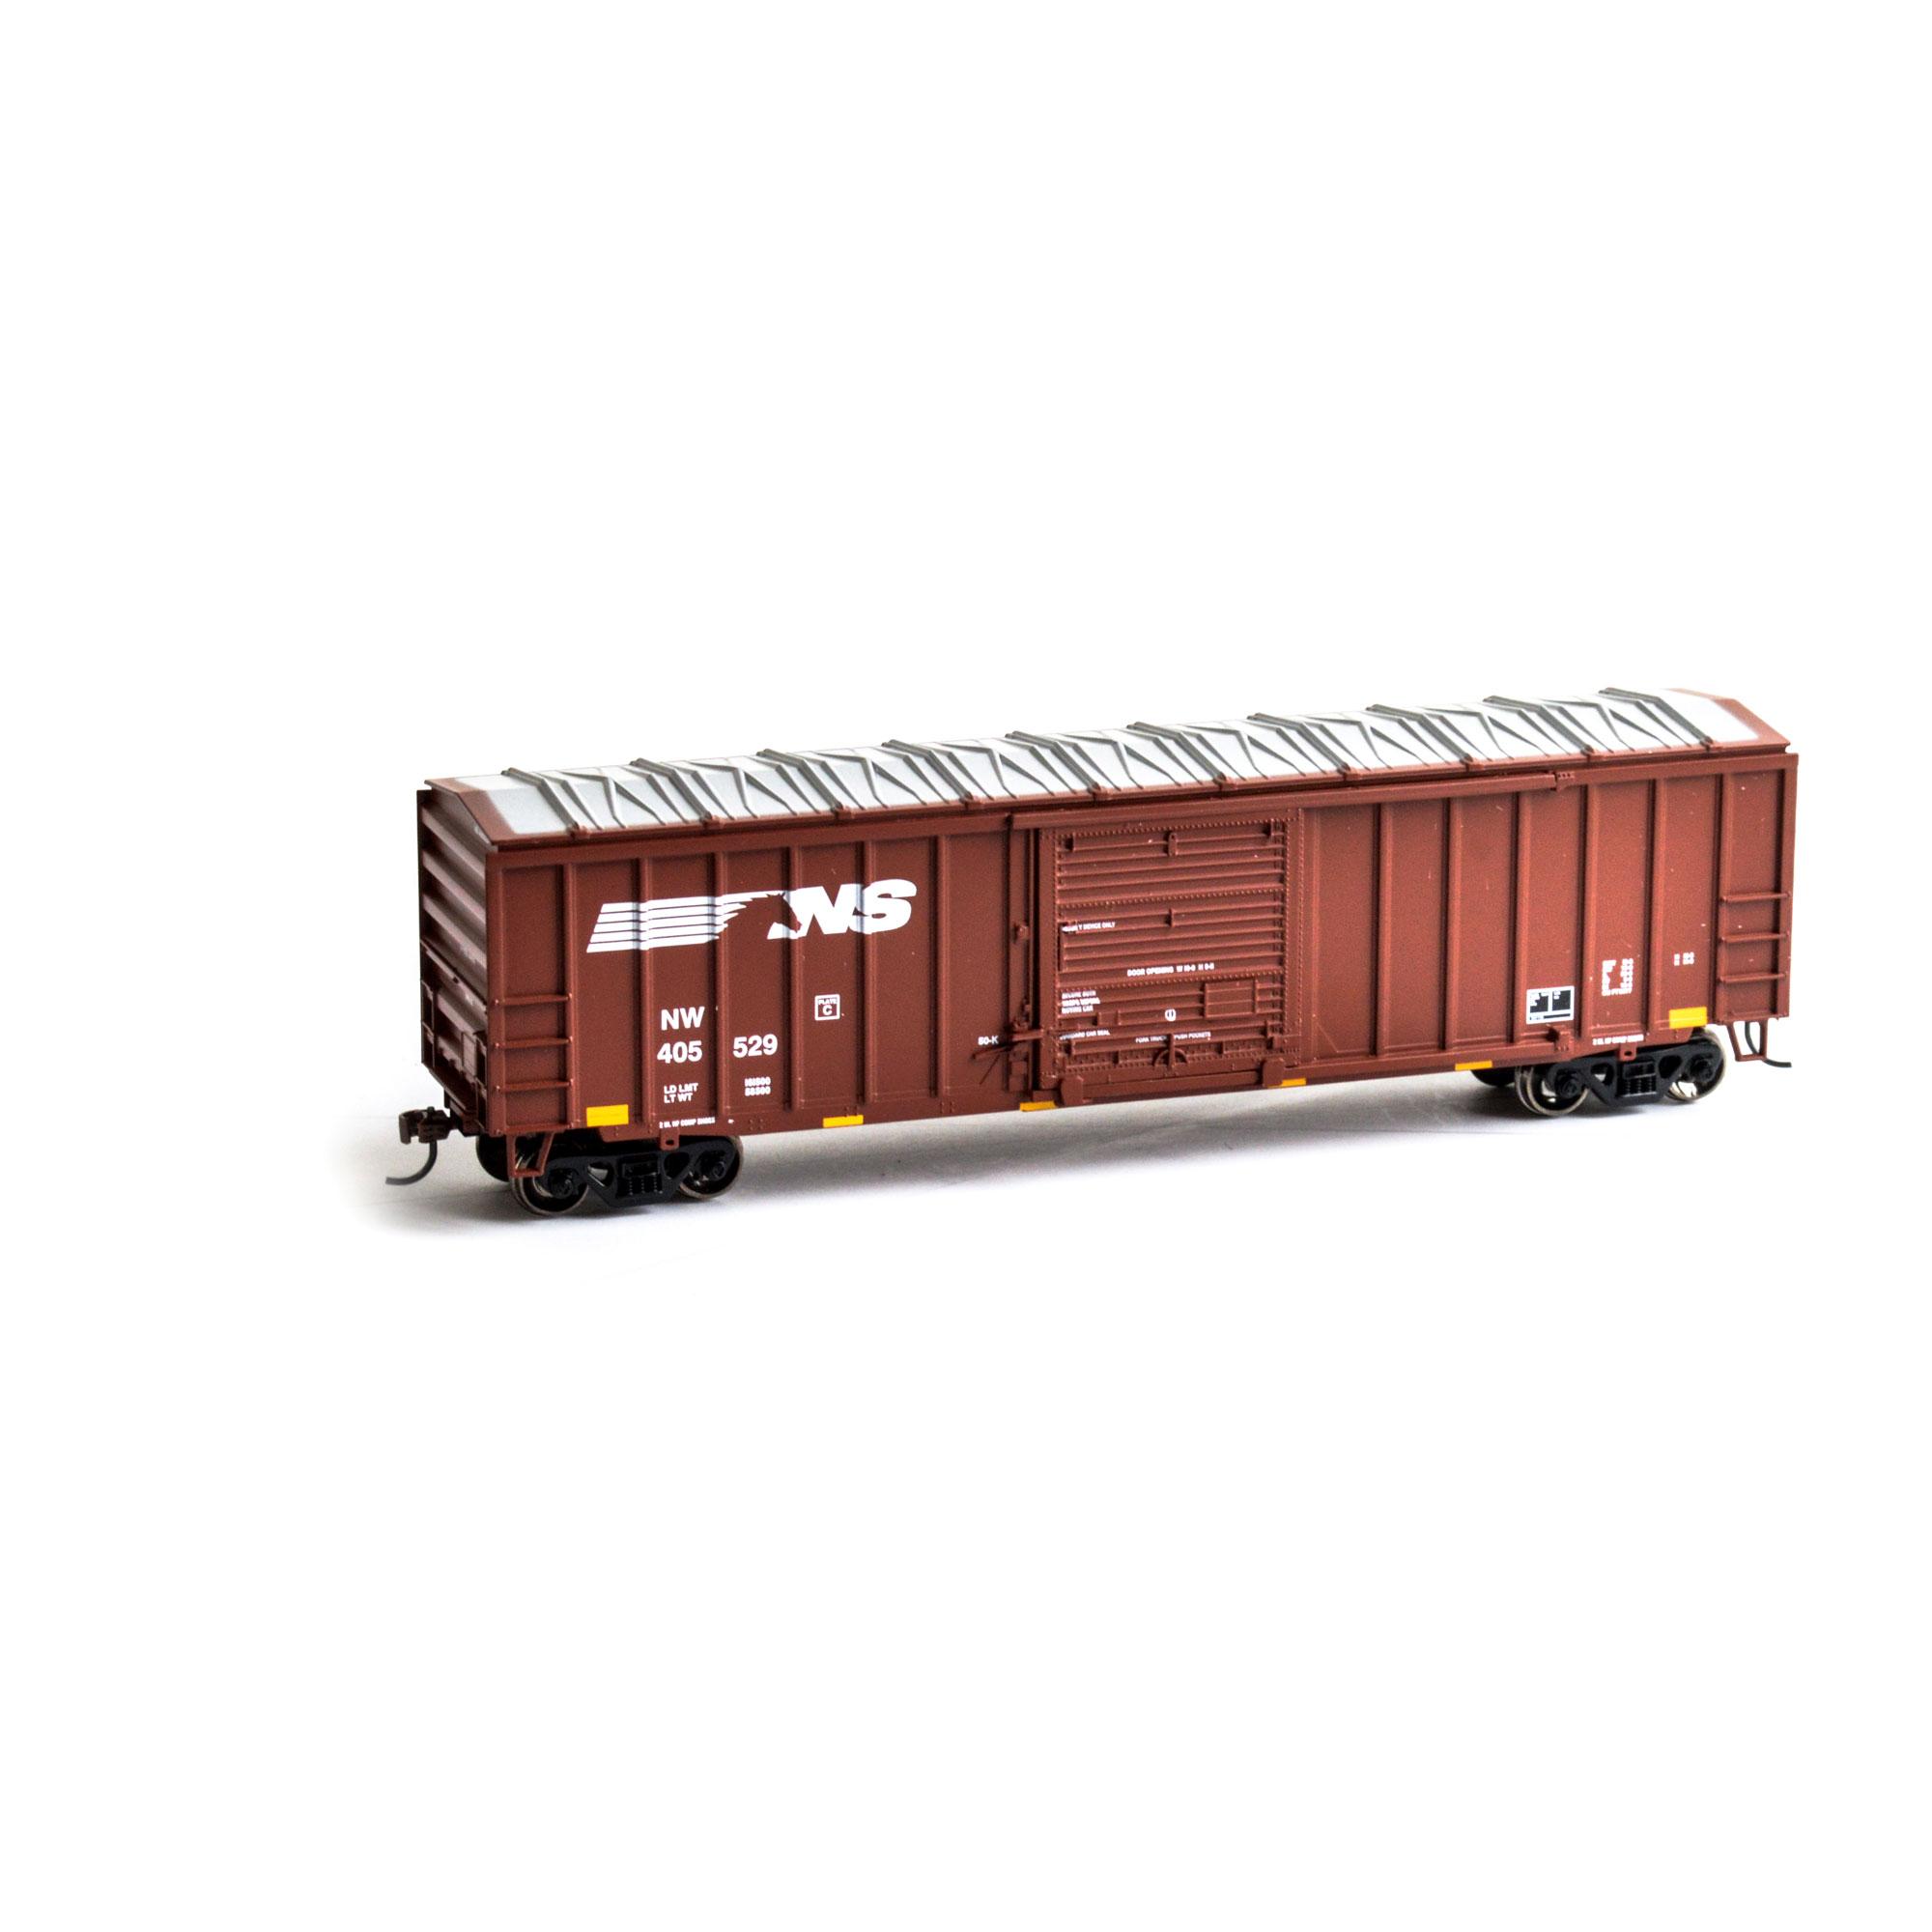 Athearn RND HO 14830- 50 ft ACF OP Box - NS #405529